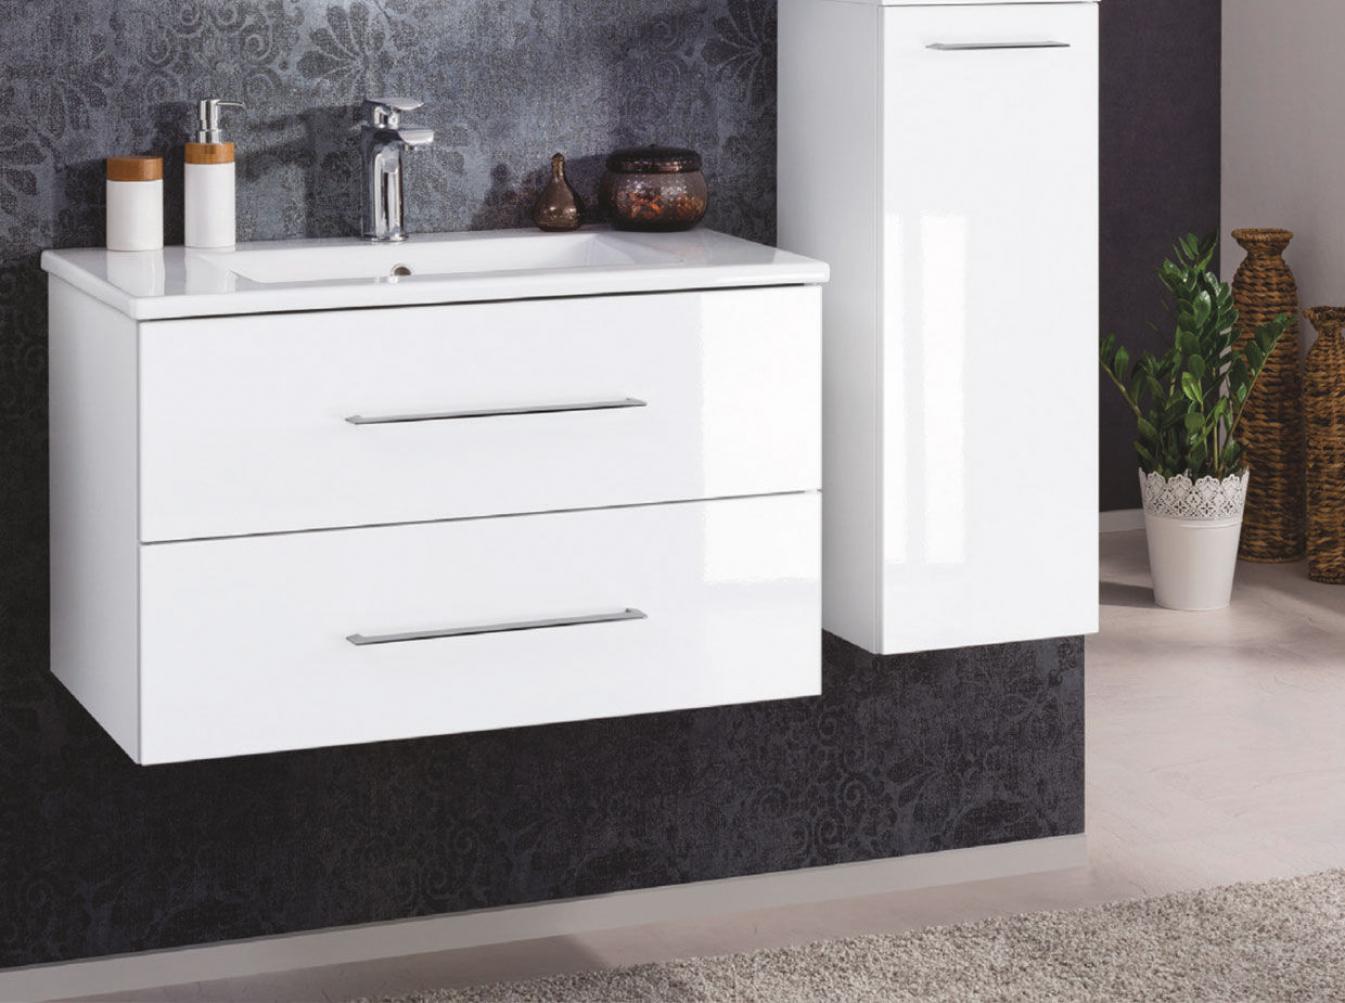 fackelmann waschtisch mit unterschrank 80cm wei. Black Bedroom Furniture Sets. Home Design Ideas